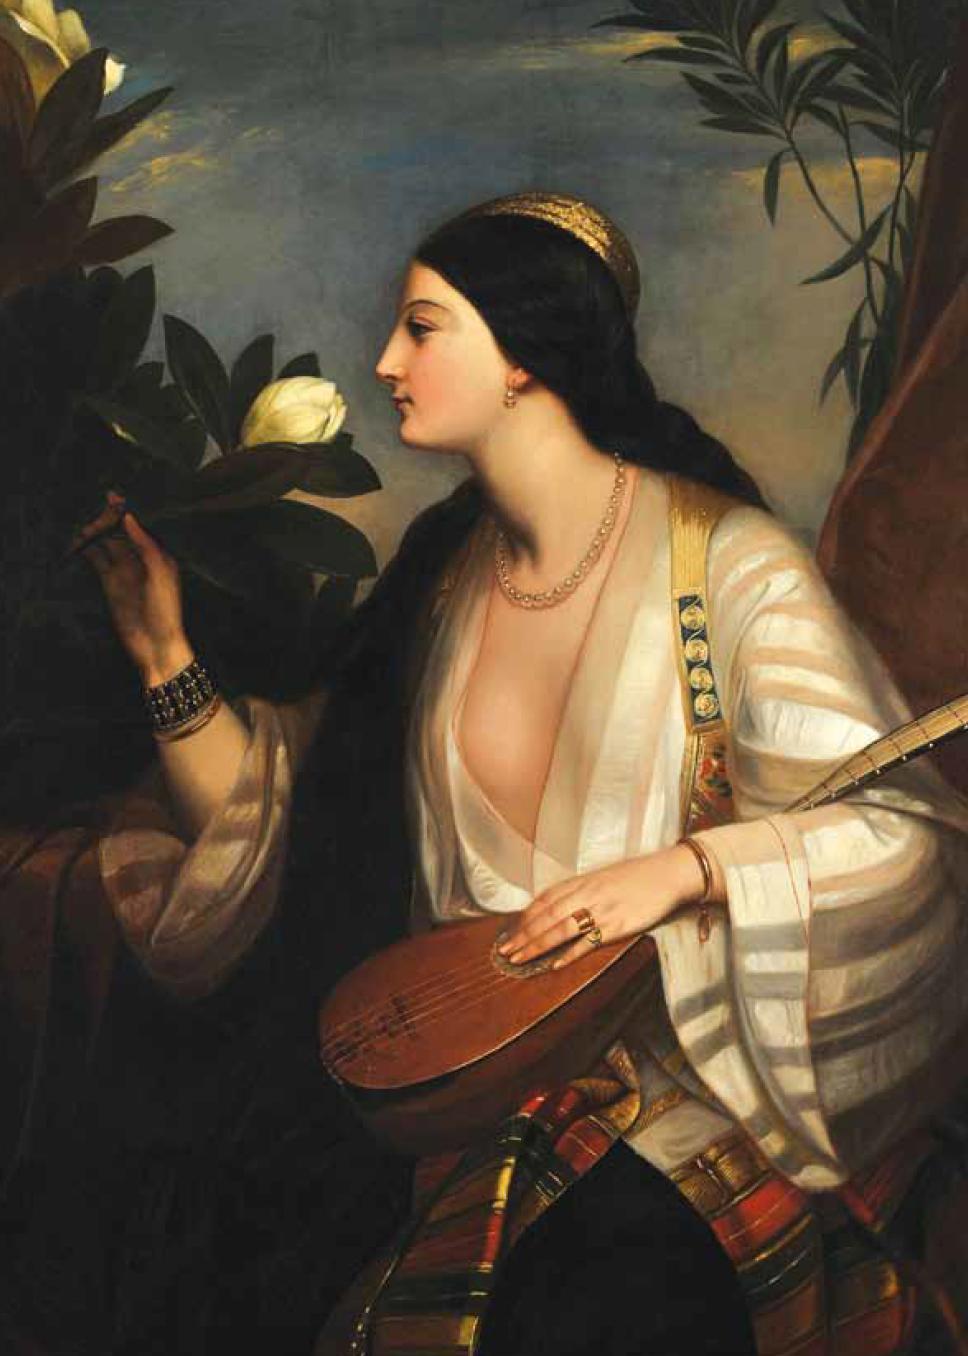 Η Γυναίκα στην Επανάσταση: Έκθεση φιλελληνικής τέχνης - Πρωτοβουλία 1821 -2021